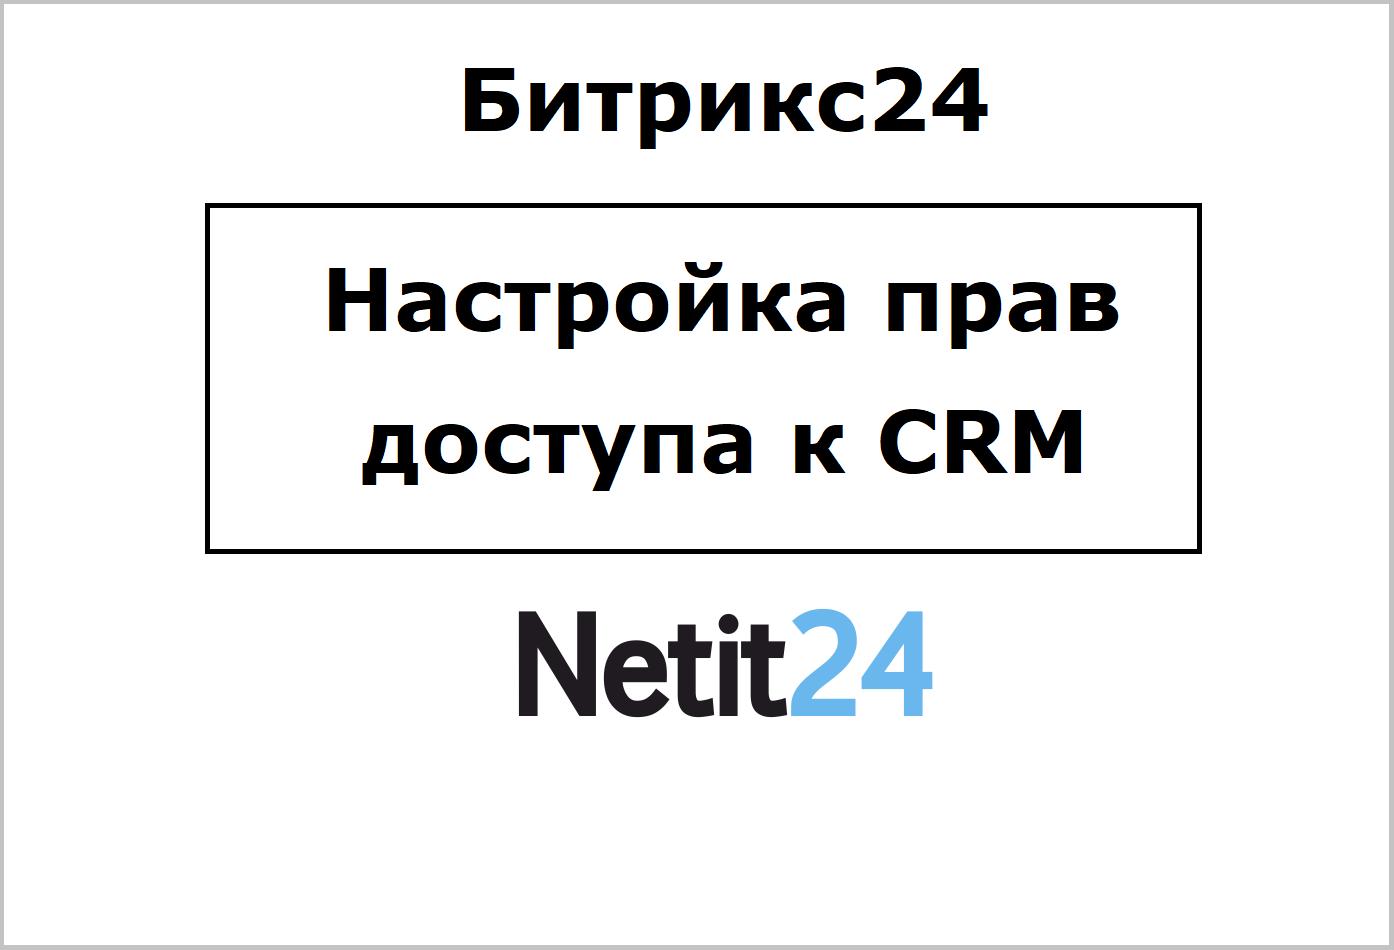 Битрикс.Настройка прав доступа к CRM Битрикс24 Netit24